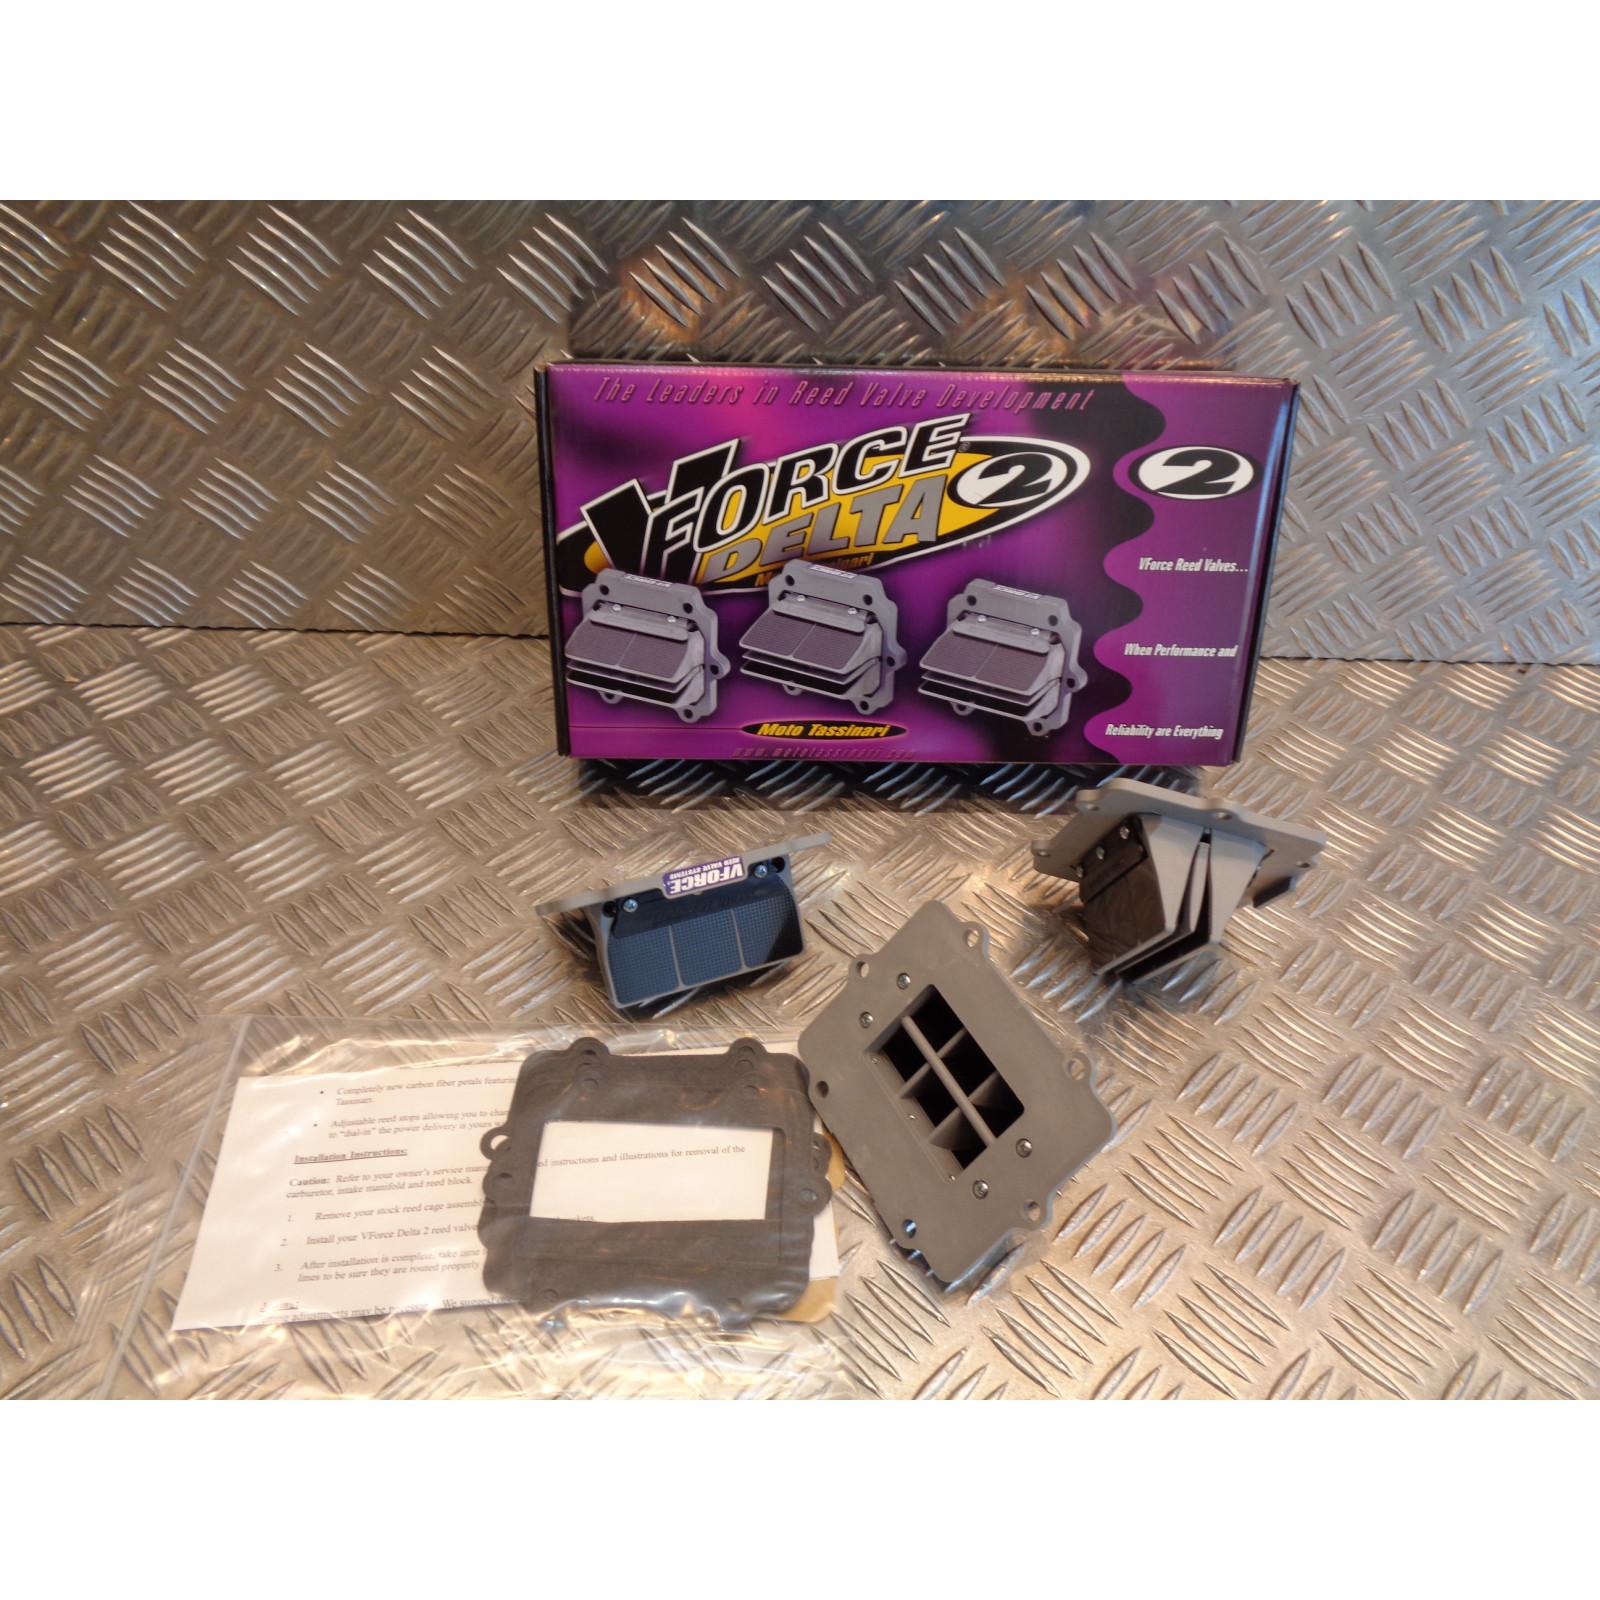 kit 3 boite clapet carbone v-force 2 jet ski polaris 900 / 1050 sl sltx 2V2W132-3 bihr 360510